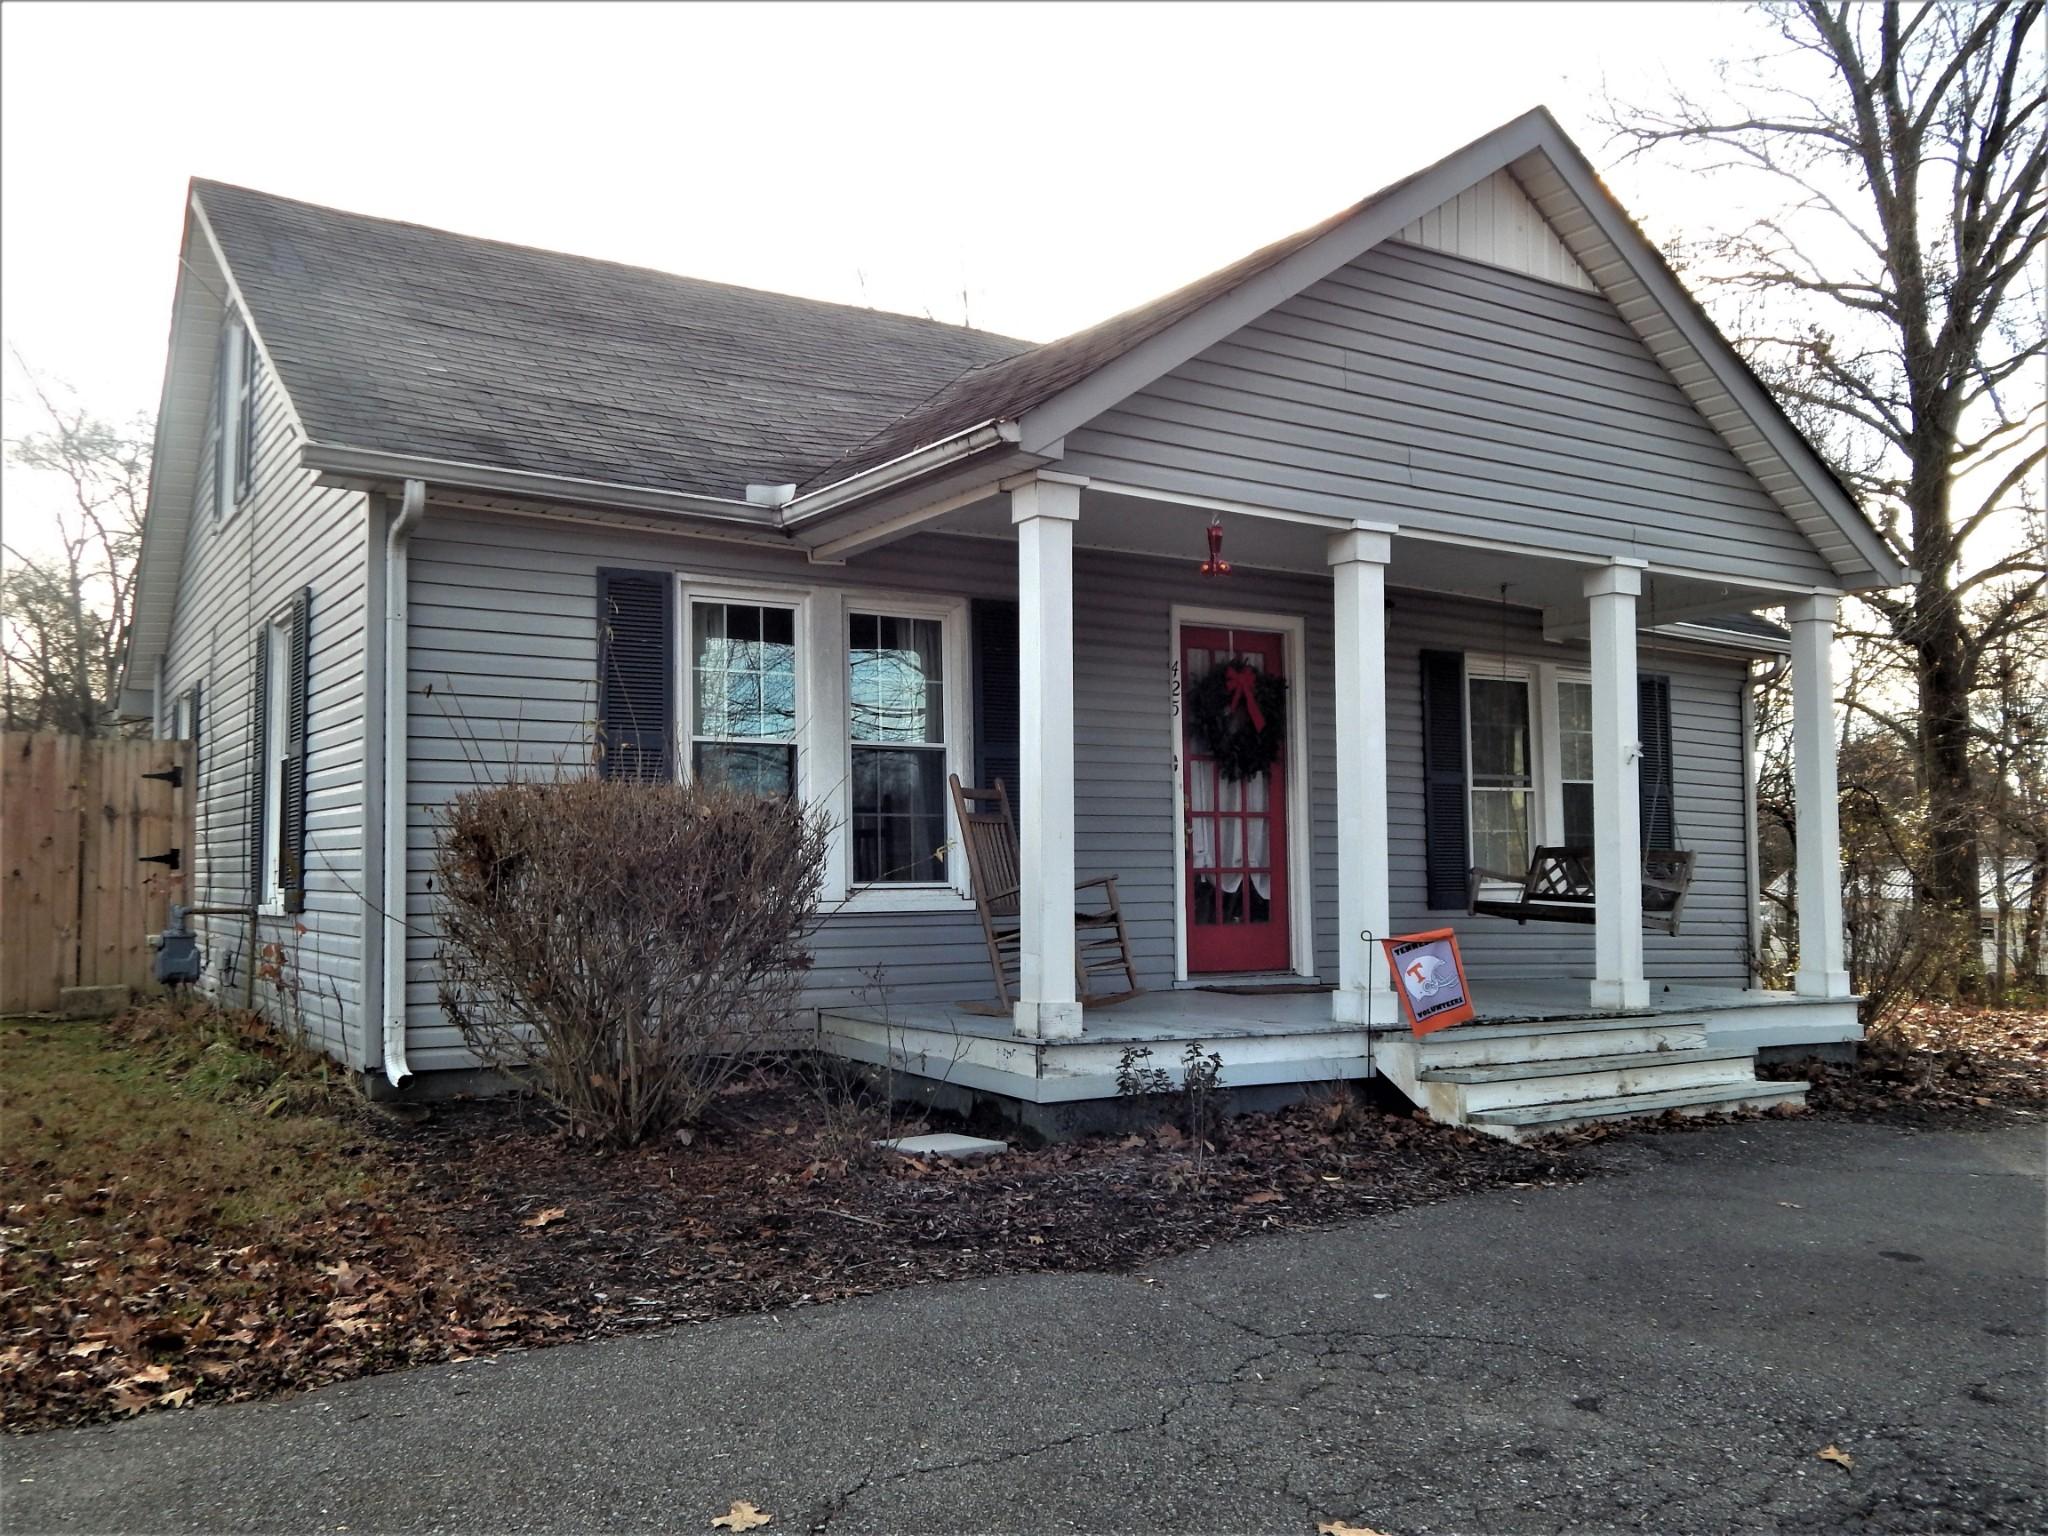 425 S Main St, Waynesboro, TN 38485 - Waynesboro, TN real estate listing